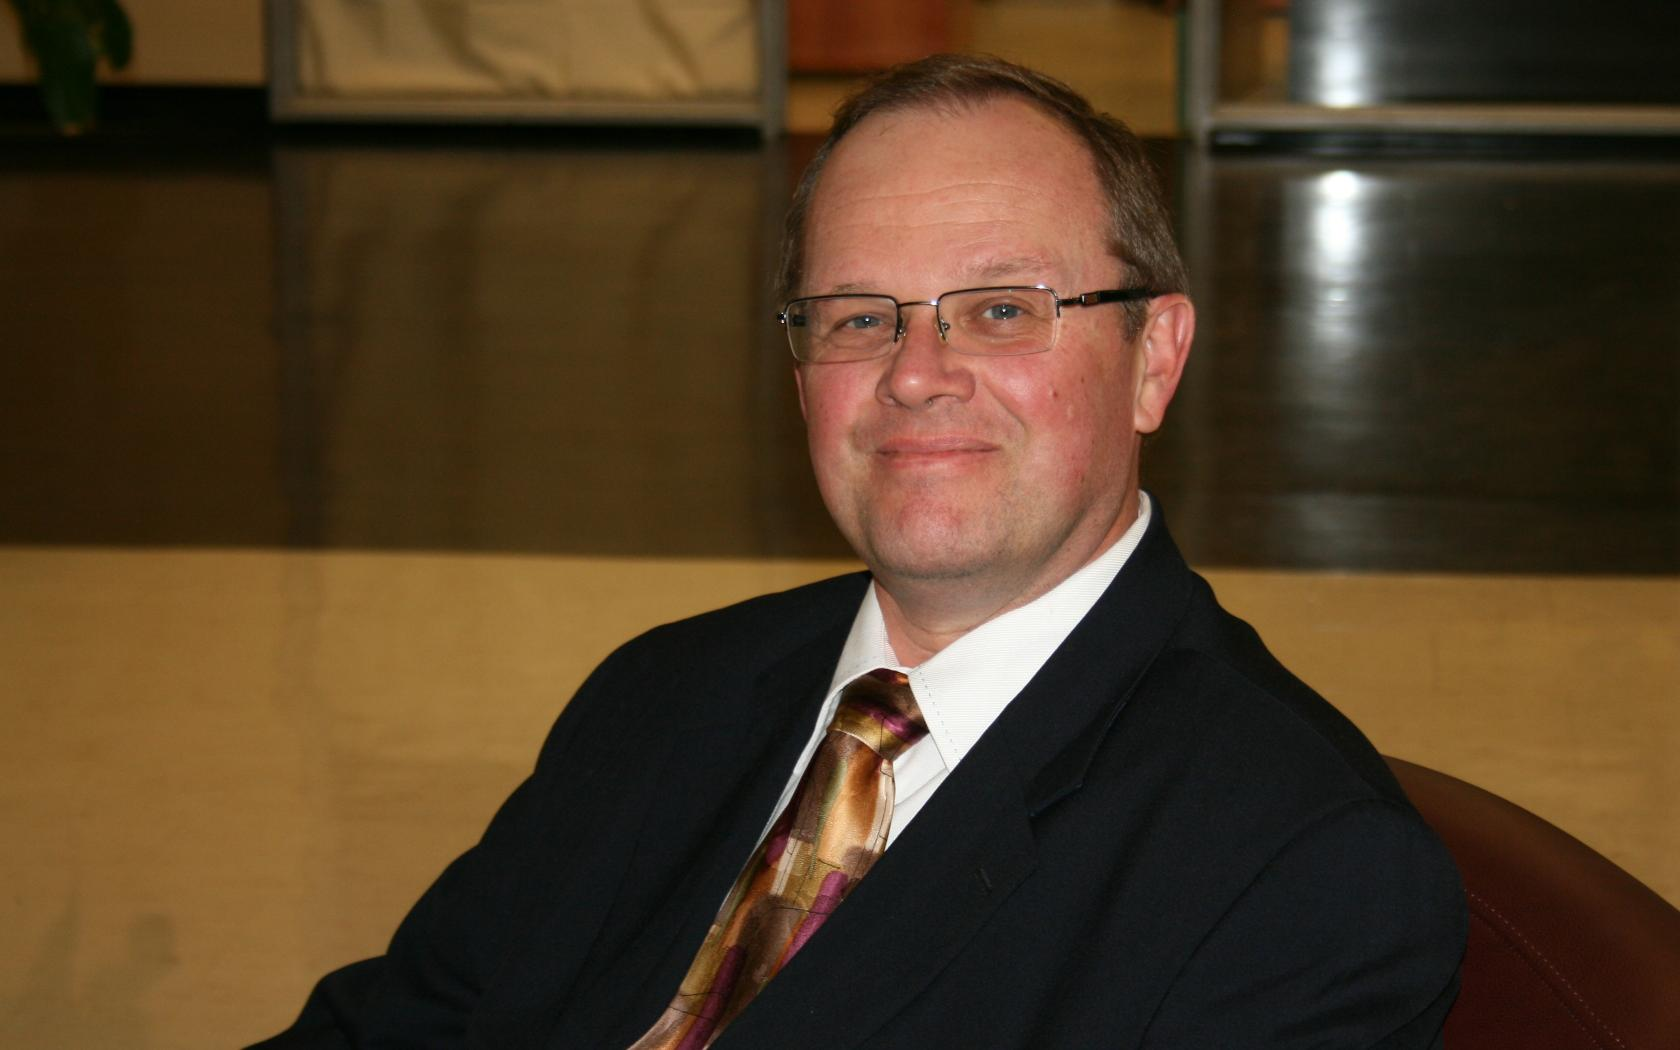 Bruce Stewart